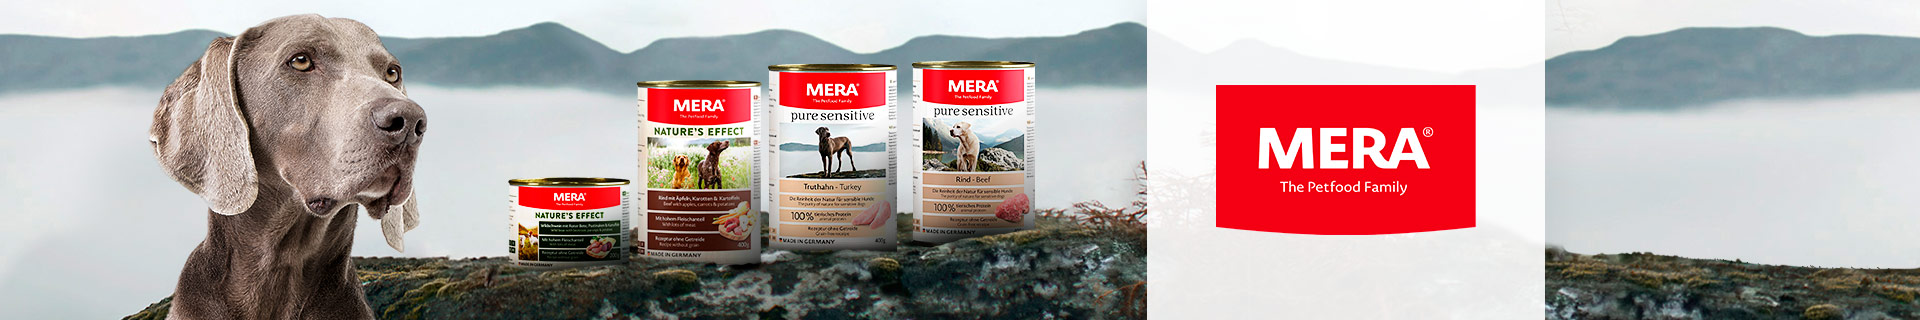 Markenshop - Mera -Nassfutter - Hund